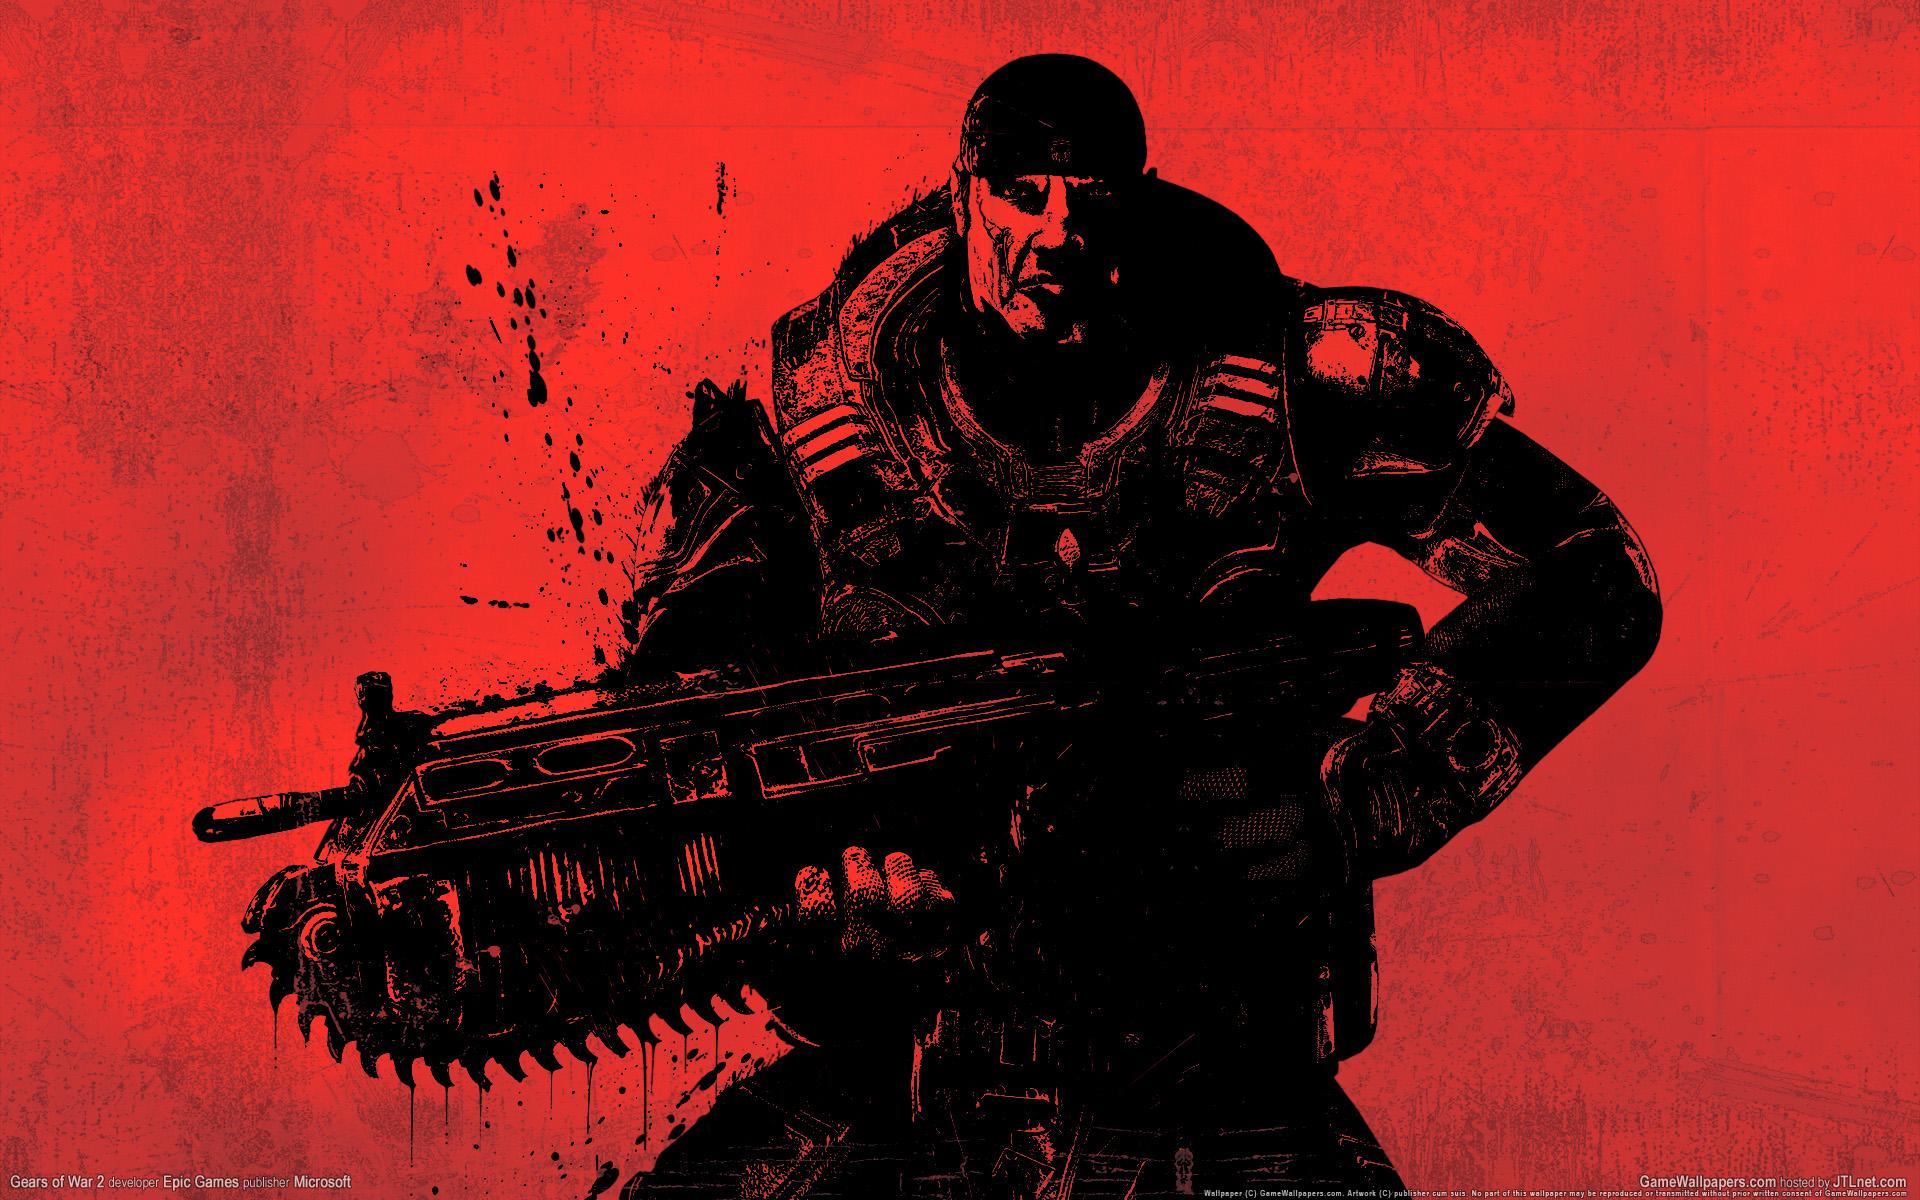 wallpaper gears of war 2 06 1920x1200 1920x1200